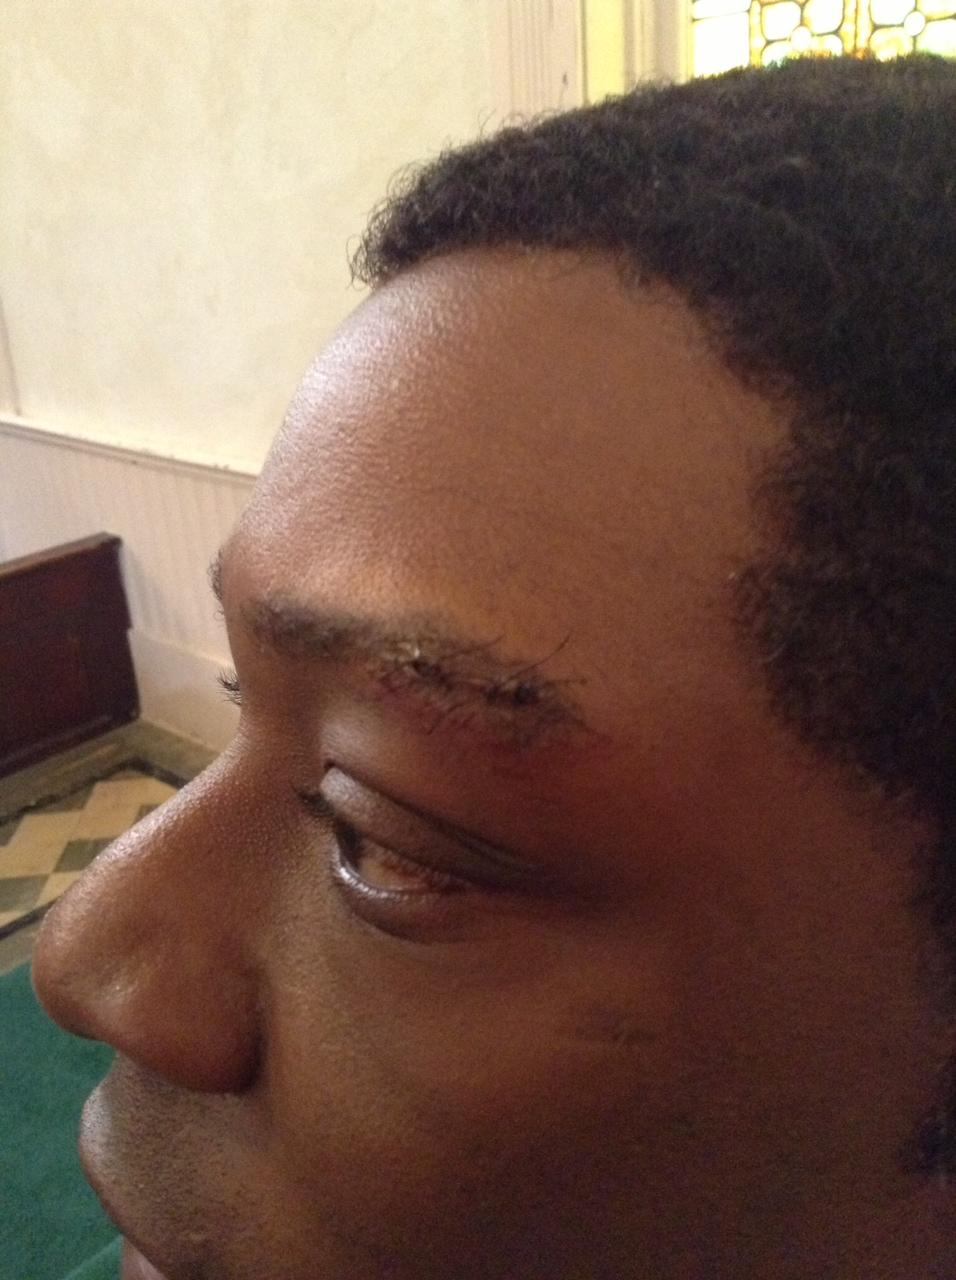 Eyebrow cut